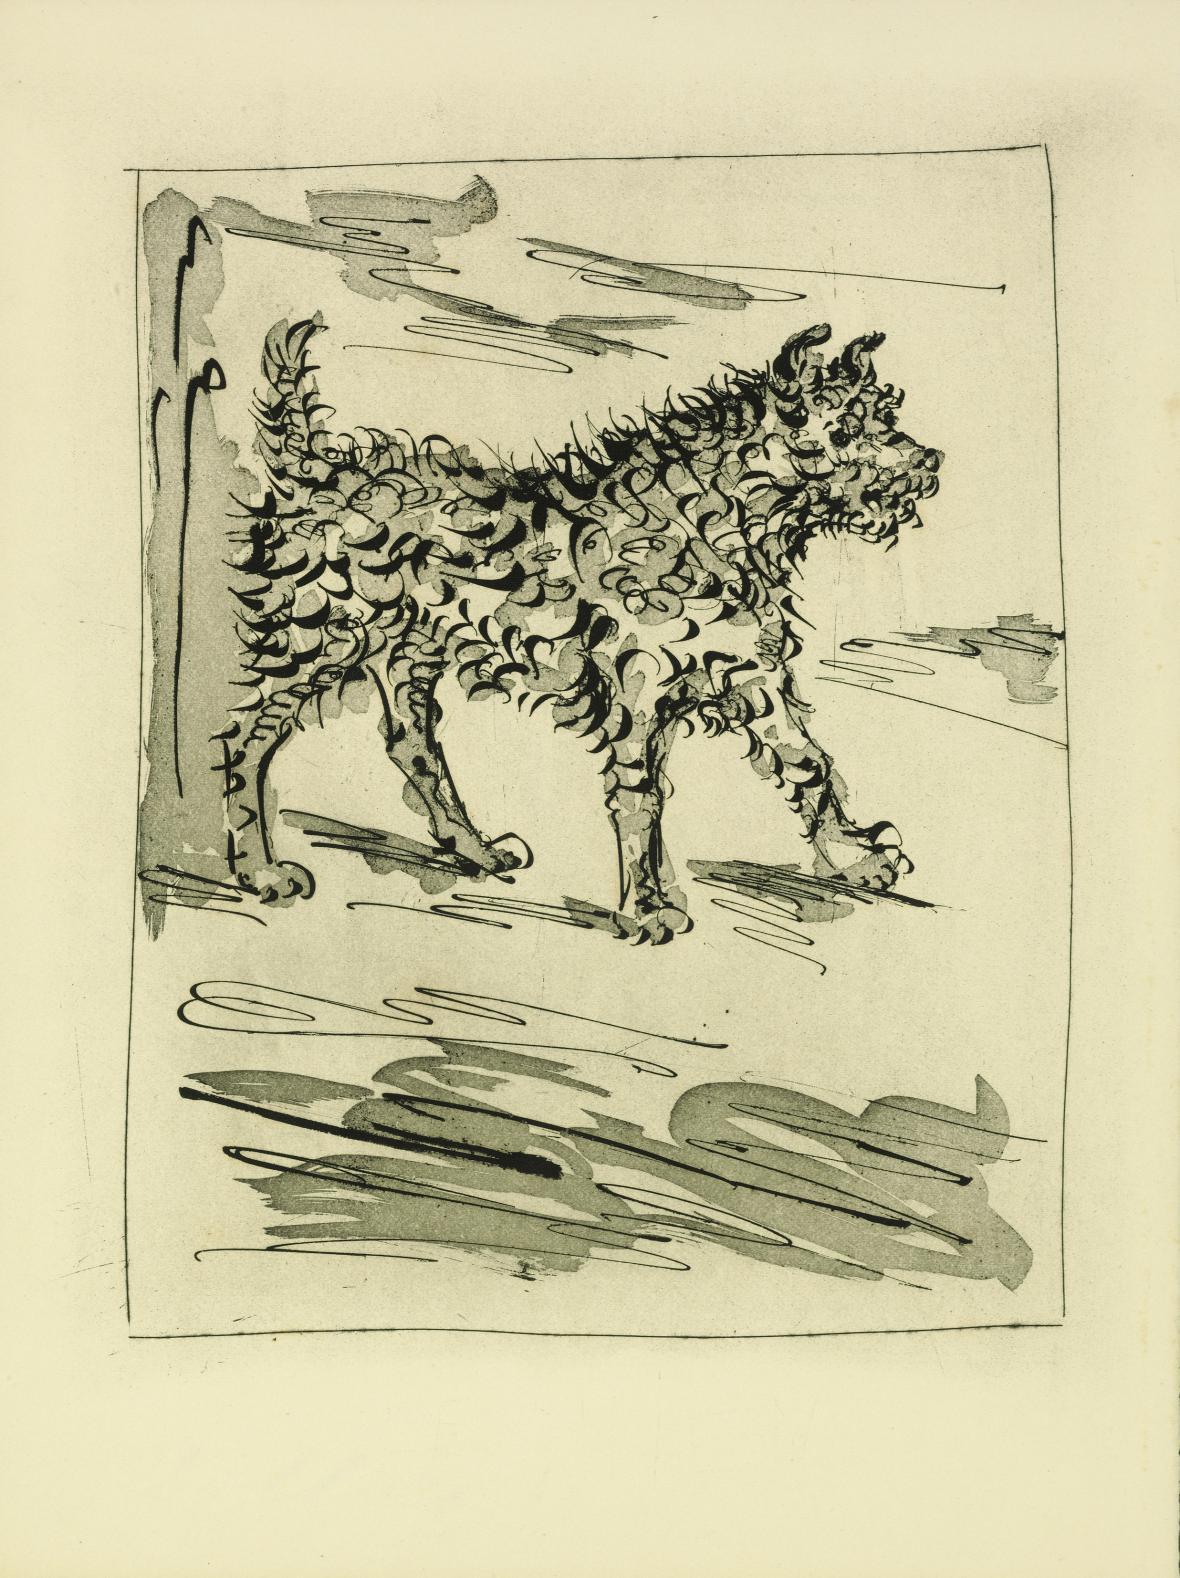 Pablo Picasso / Pes, 1936